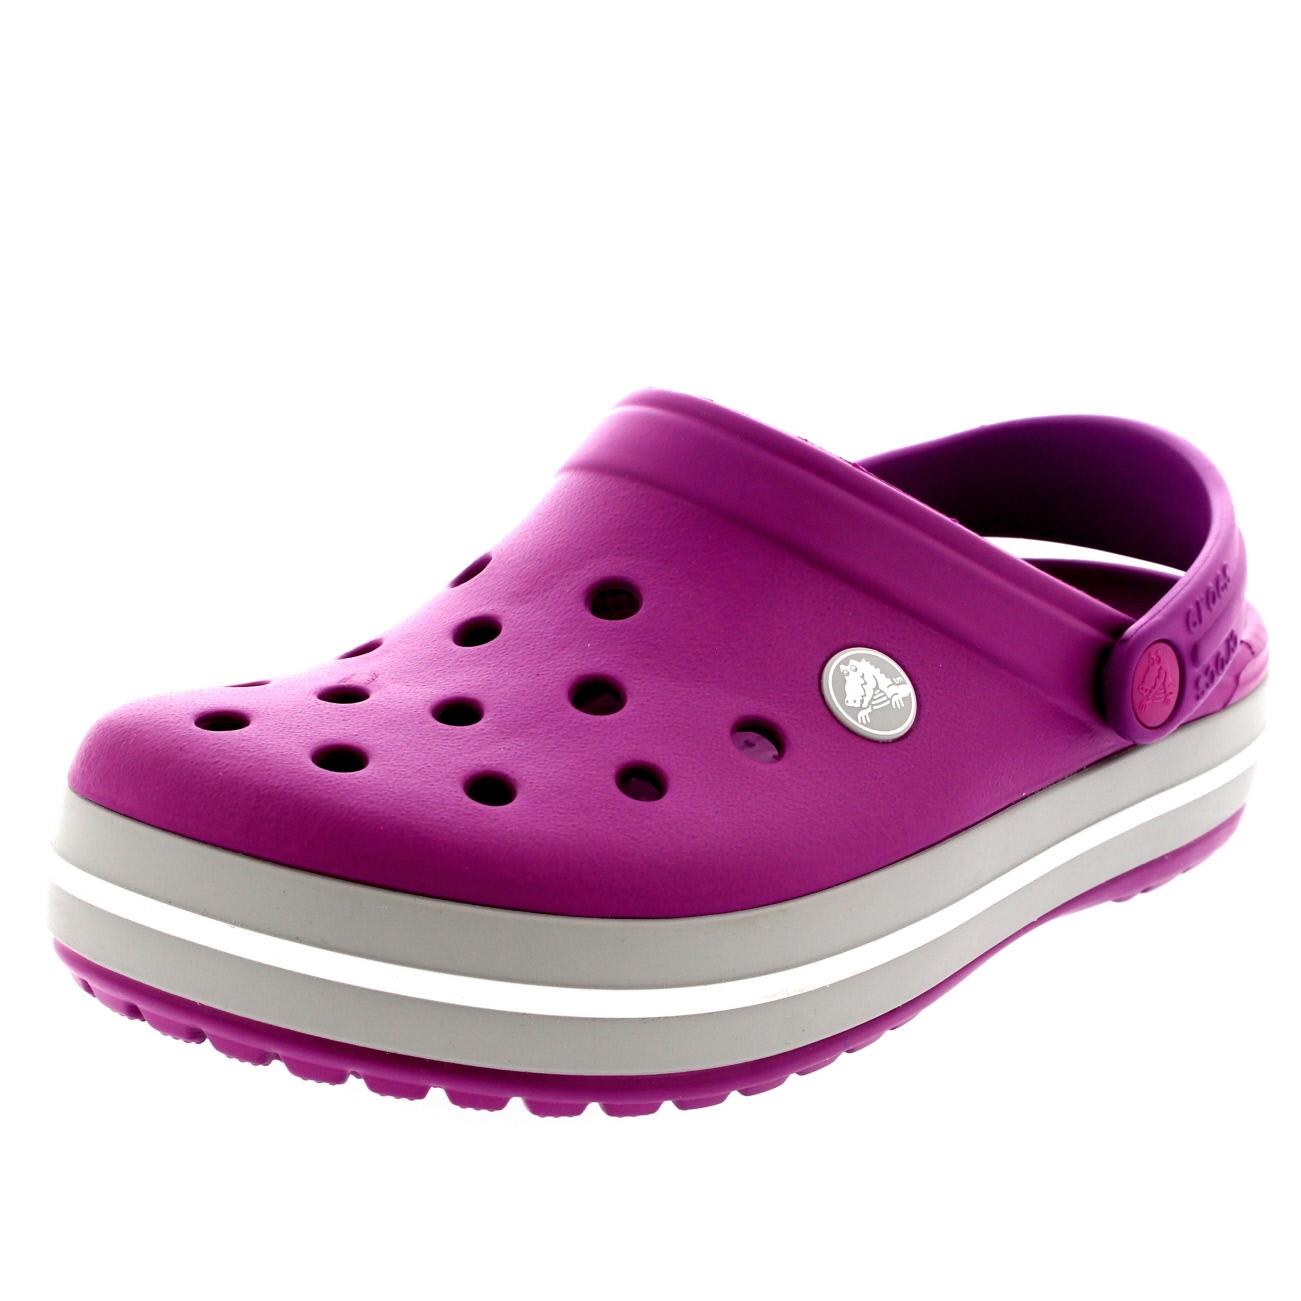 1f9f53f5b2098 Unisex Mens Womens Crocs Crocband Clogs Mules Slipper Summer Beach ...